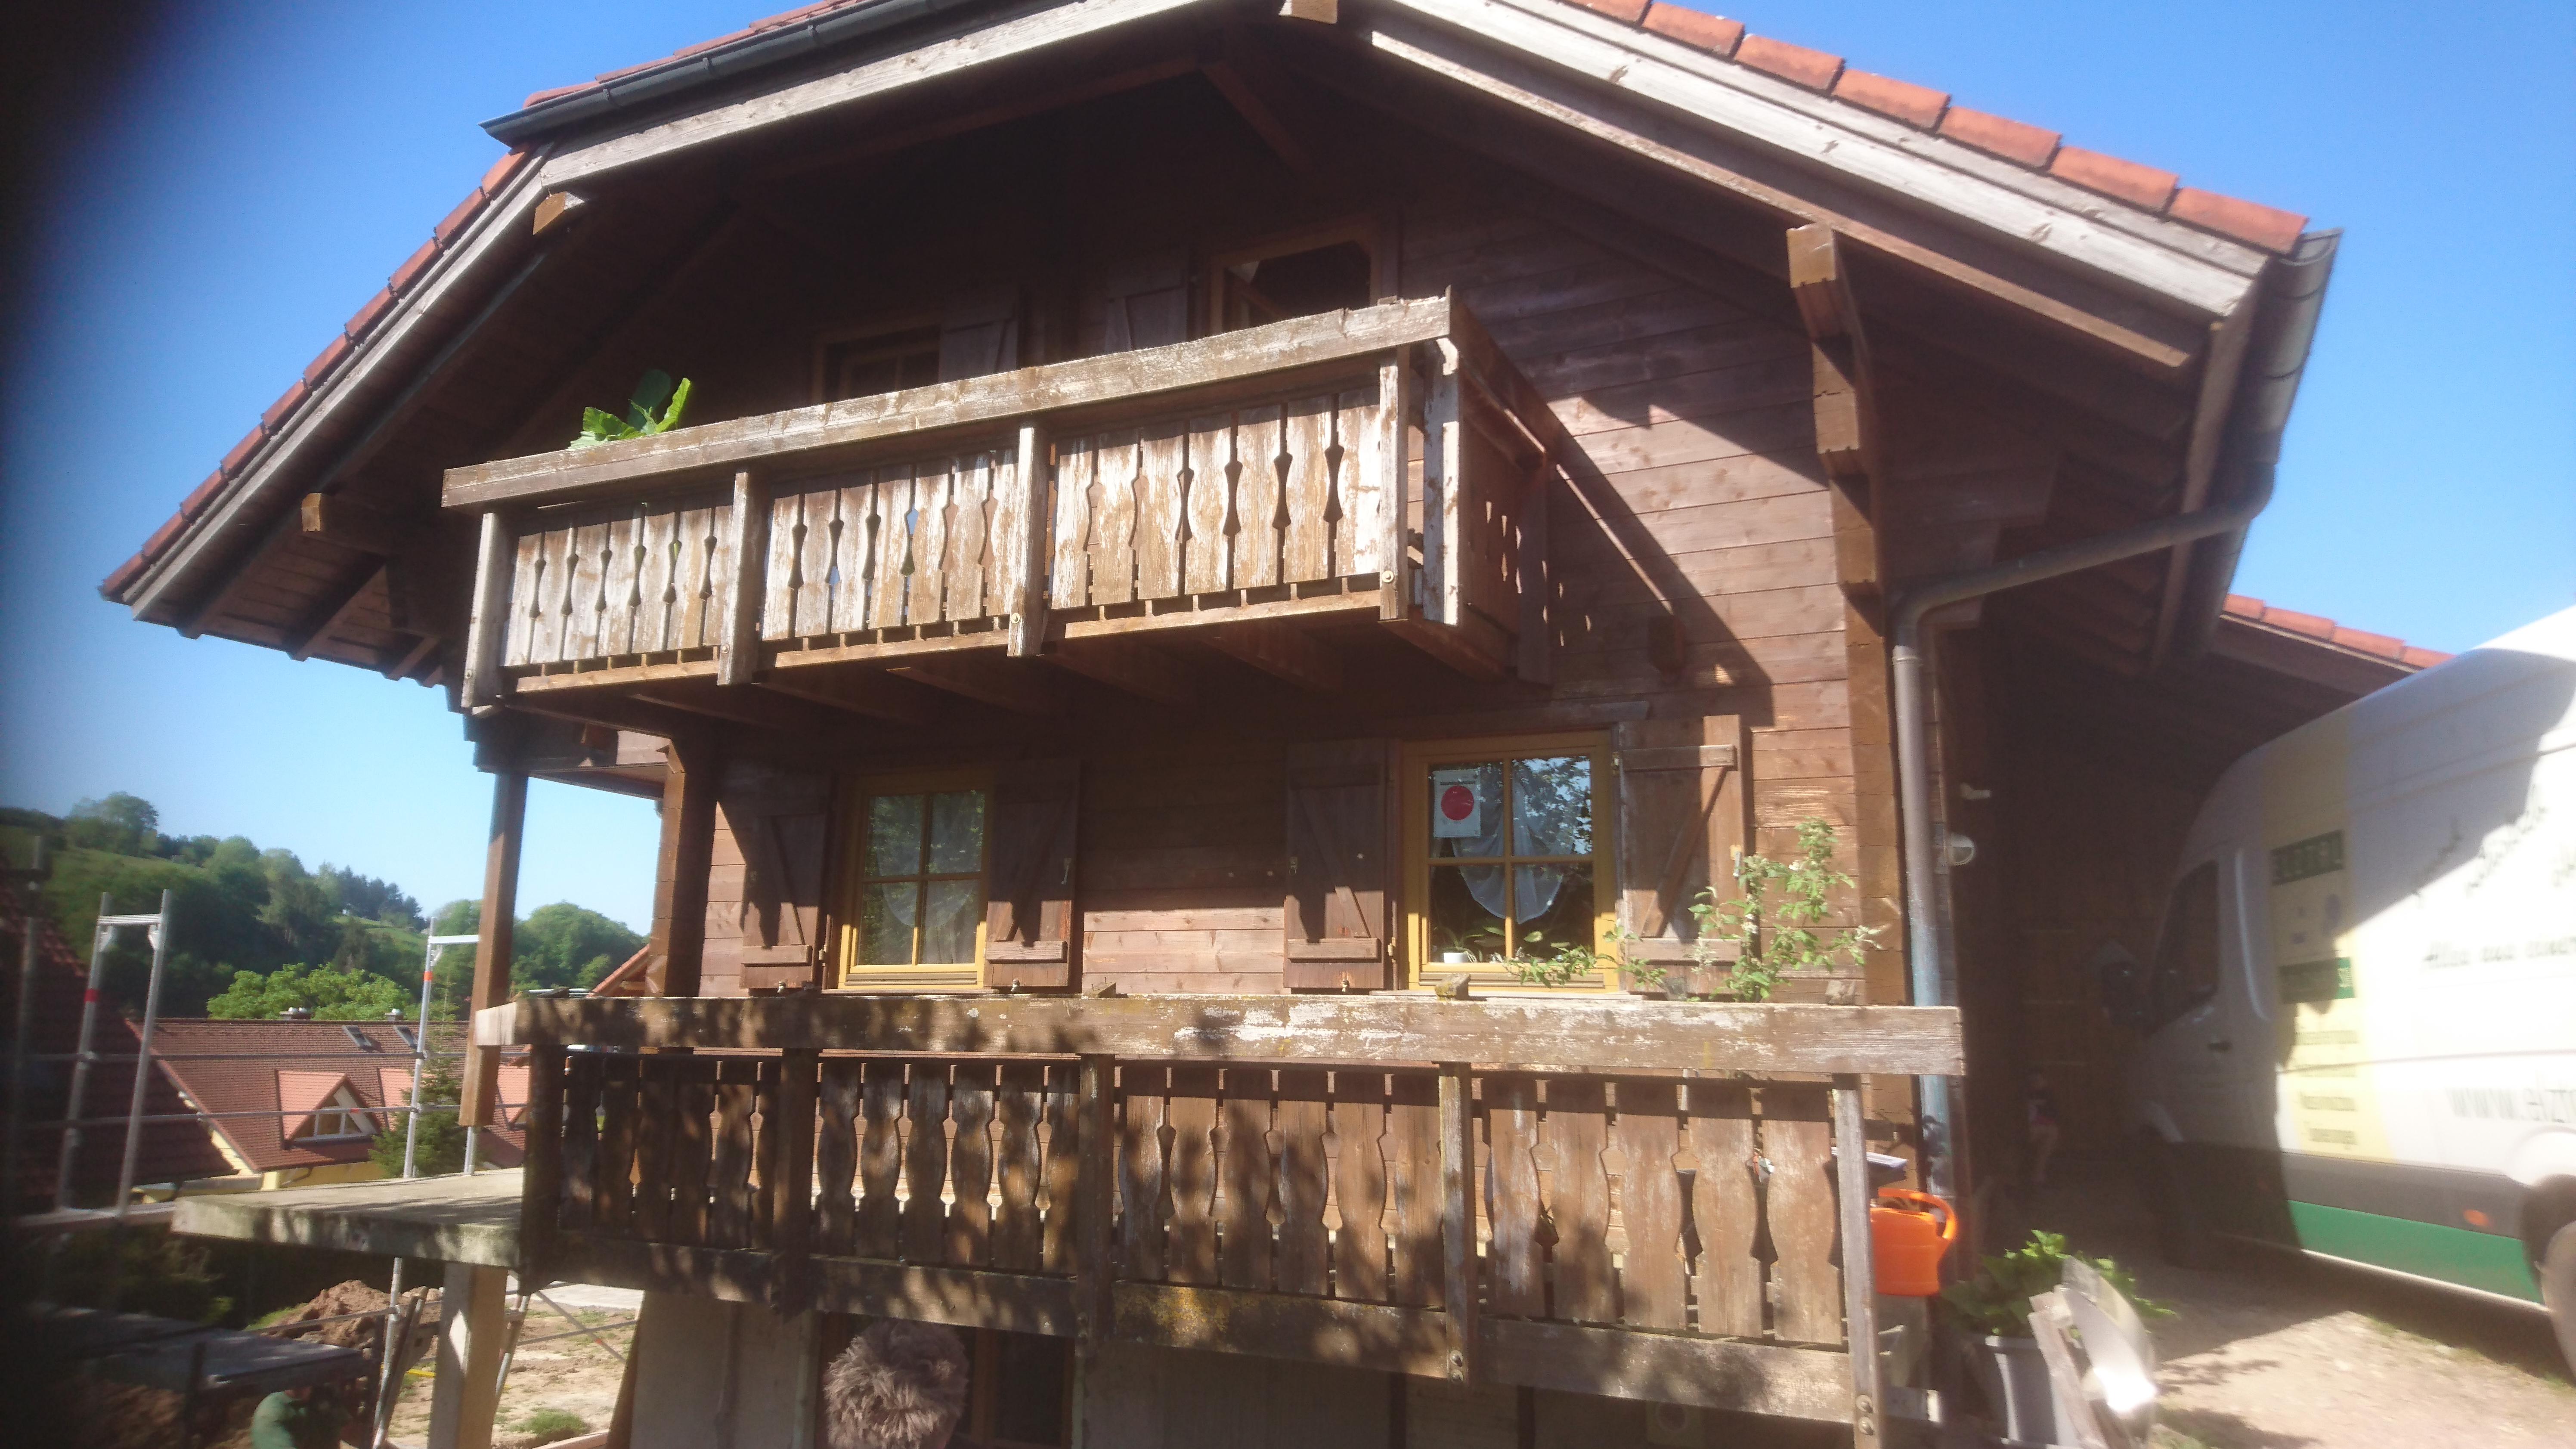 Frontansicht des Holzhauses vor dem Strahlen